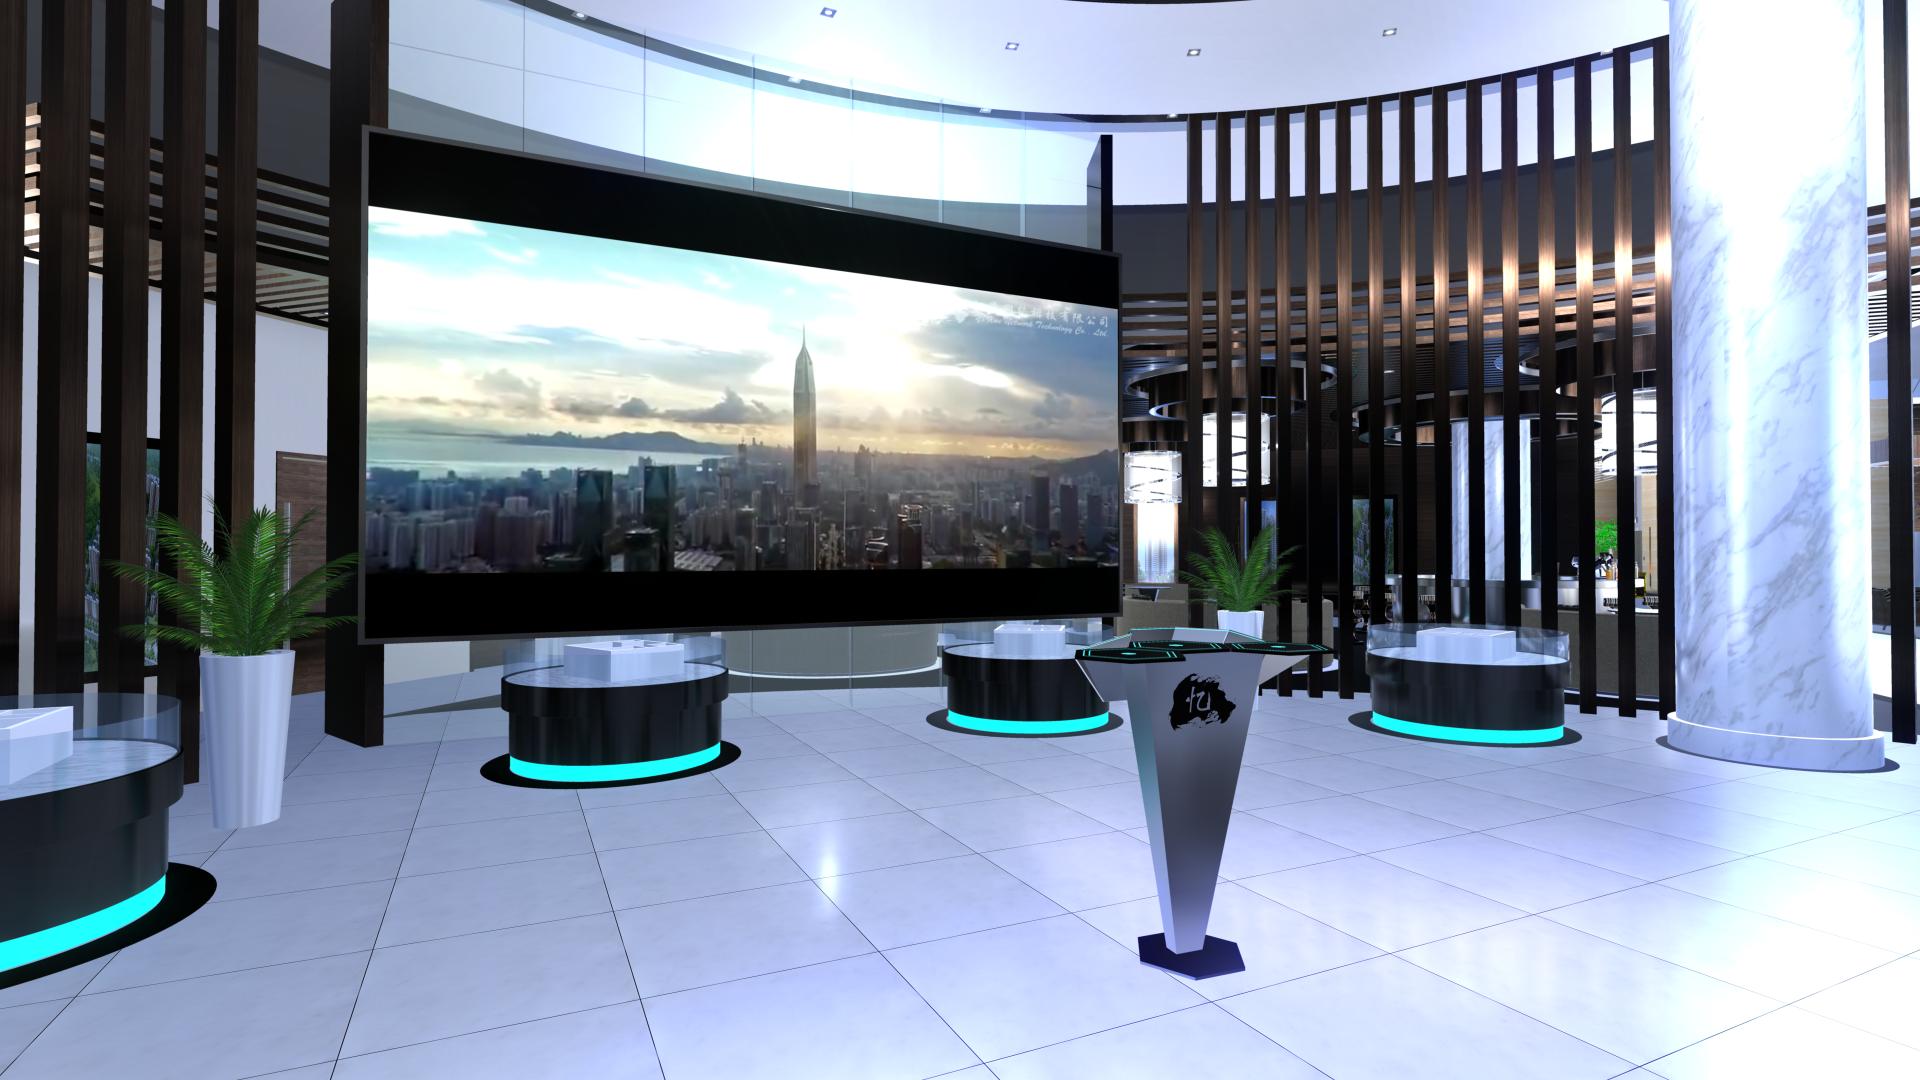 手感交互式虚拟仿真系统领航者